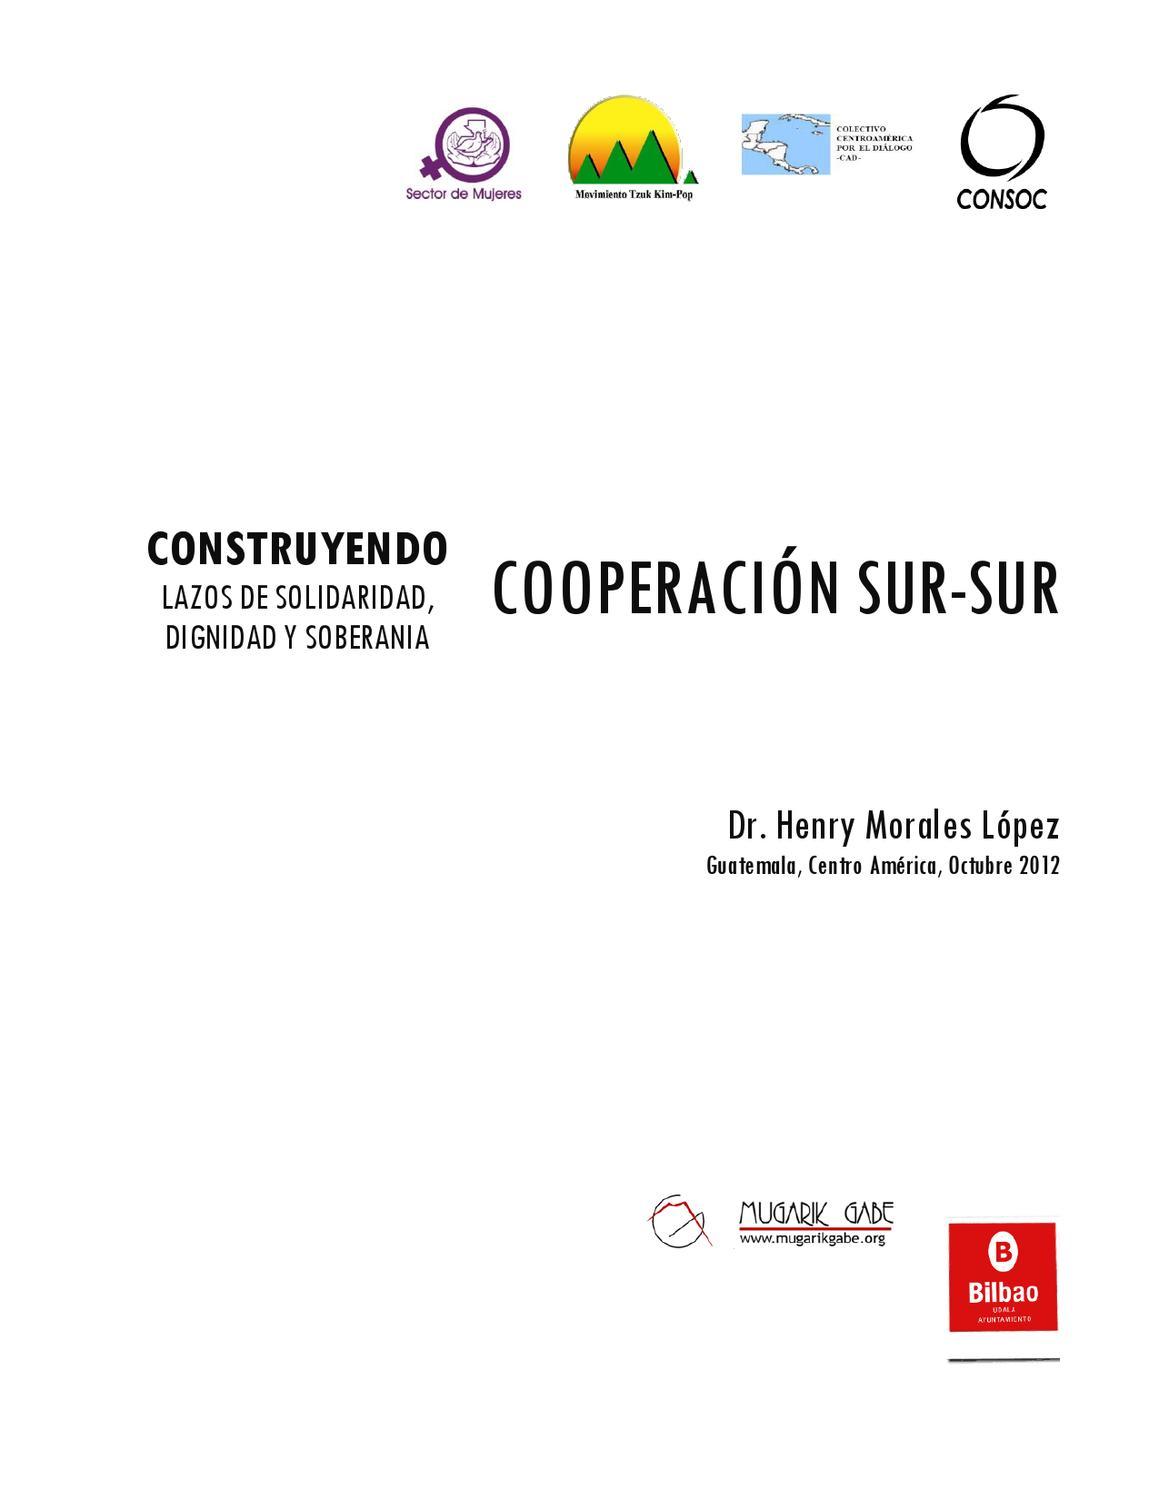 Libo Cooperación Sur-sur by Mugarik Gabe ONG - issuu